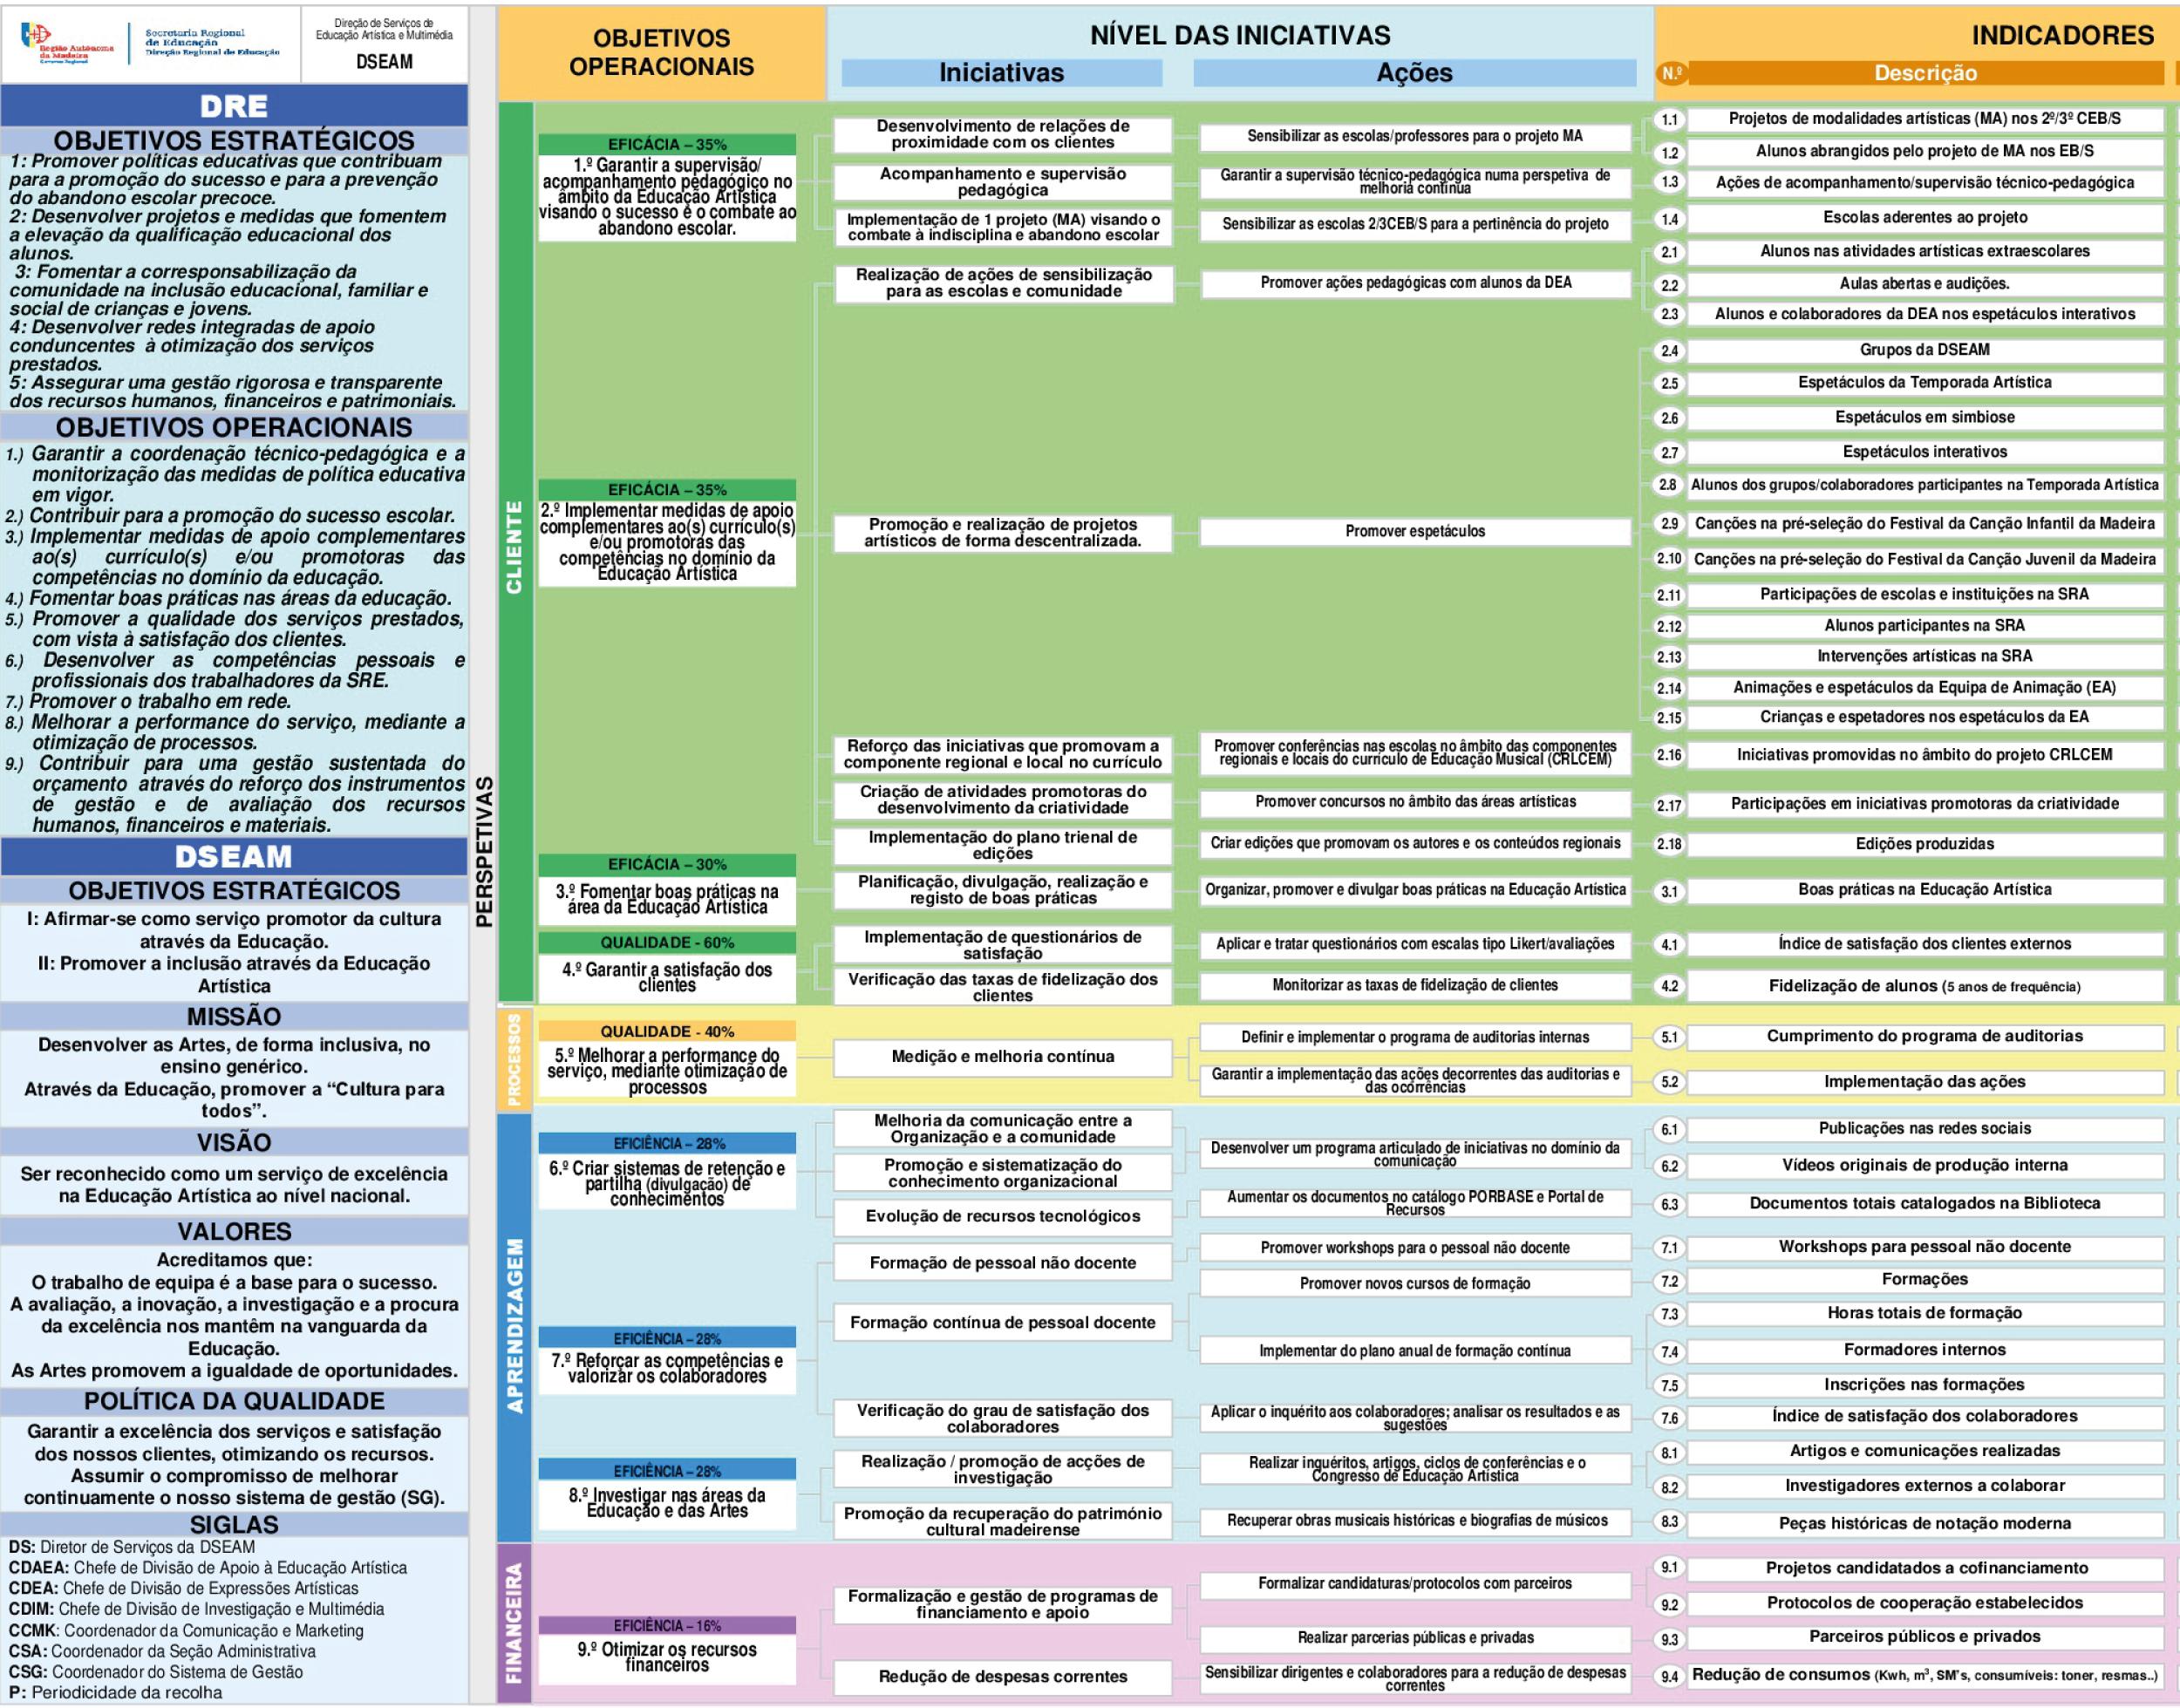 Plano Estratégico 2017-2019